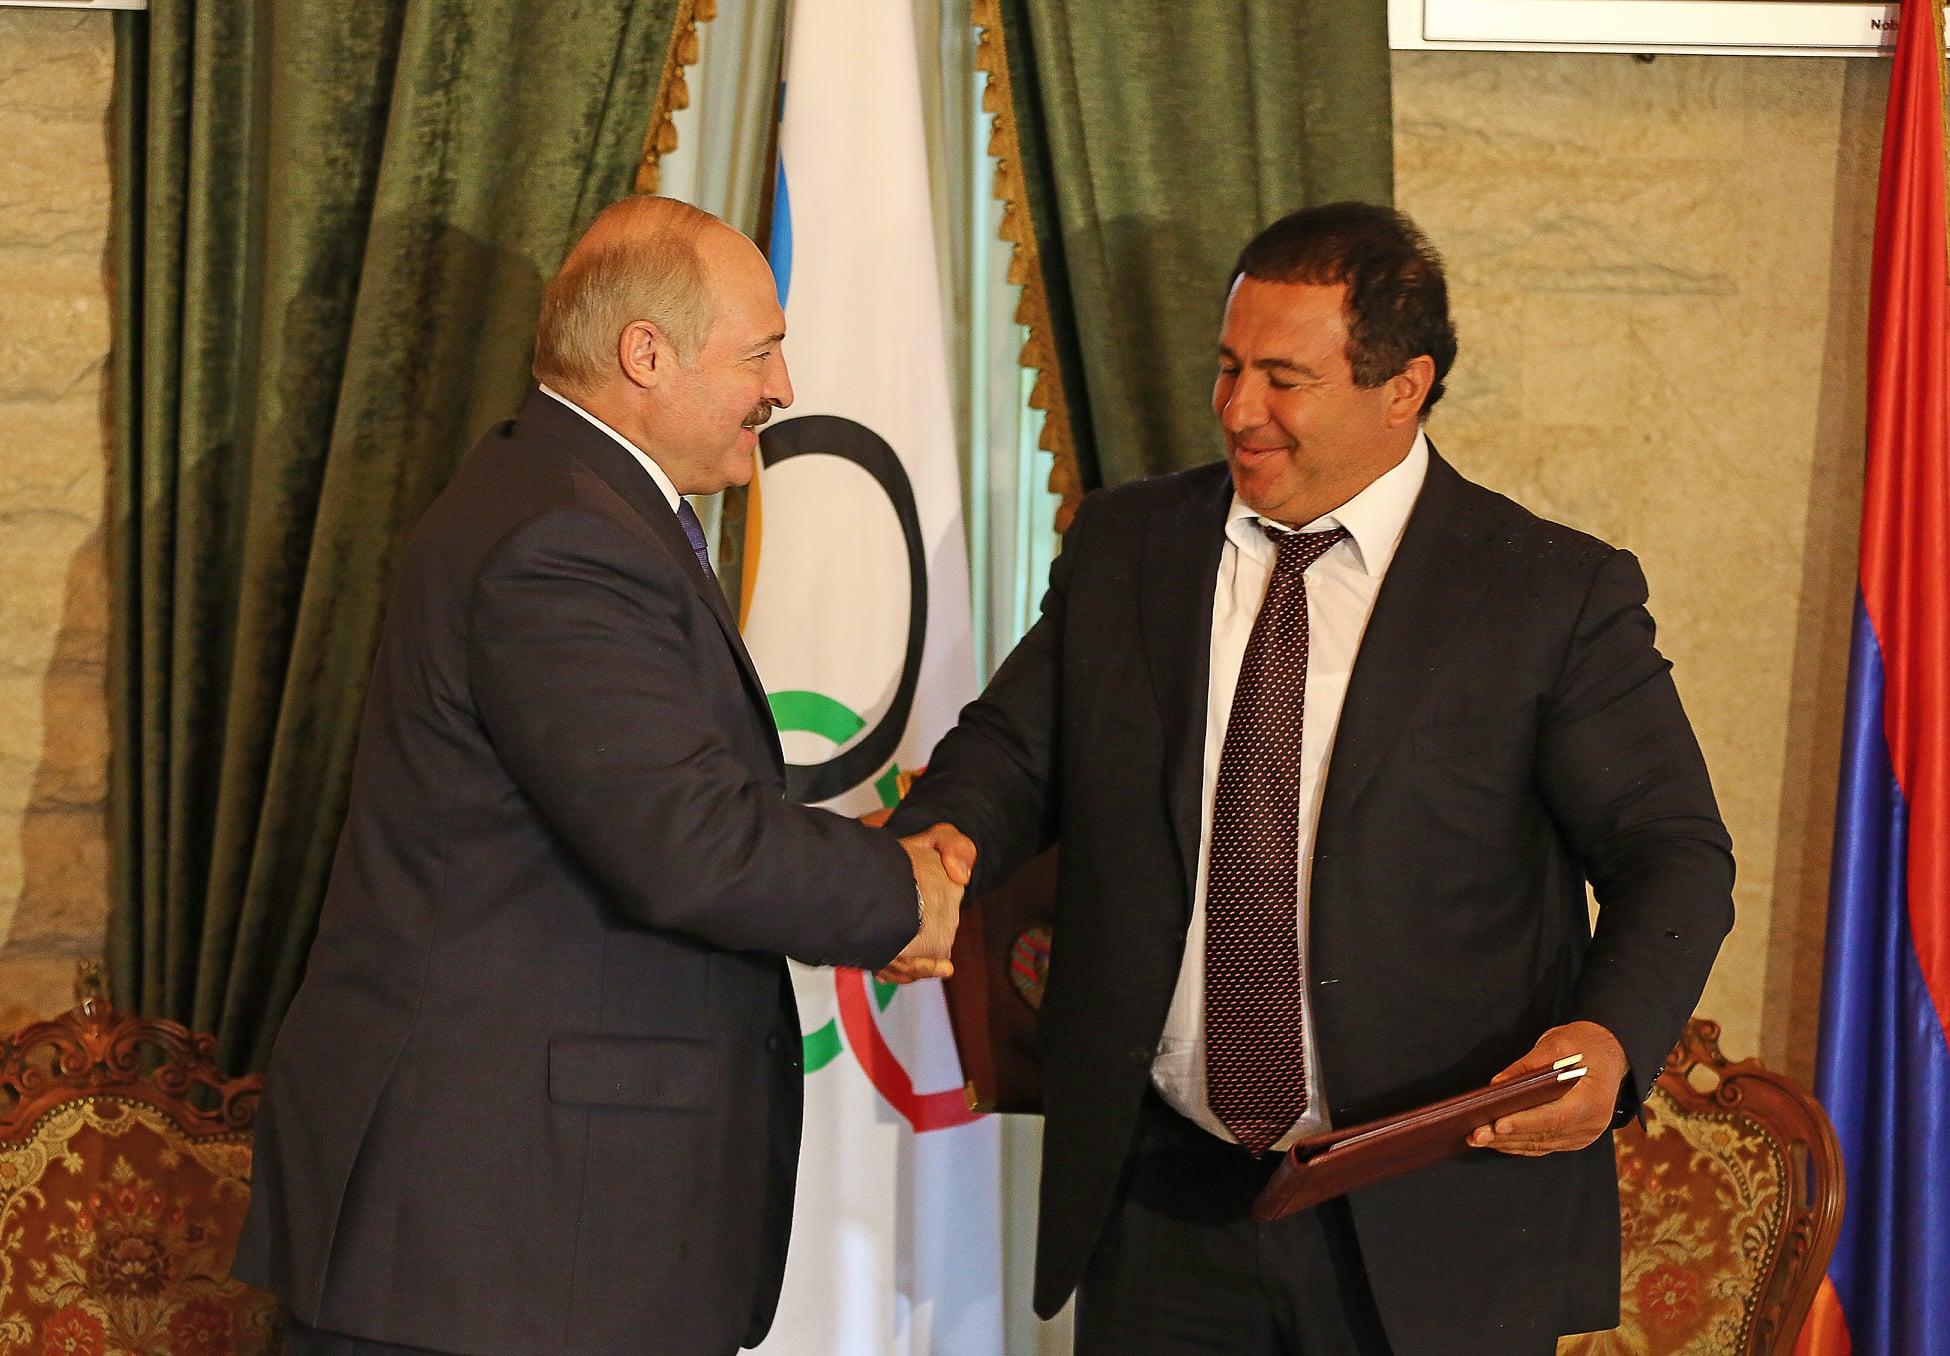 Photo of Գագիկ Ծառուկյանը շնորհավորել է Ալեկսանդր Լուկաշենկոյին նախագահ վերընտրվելու կապակցությամբ